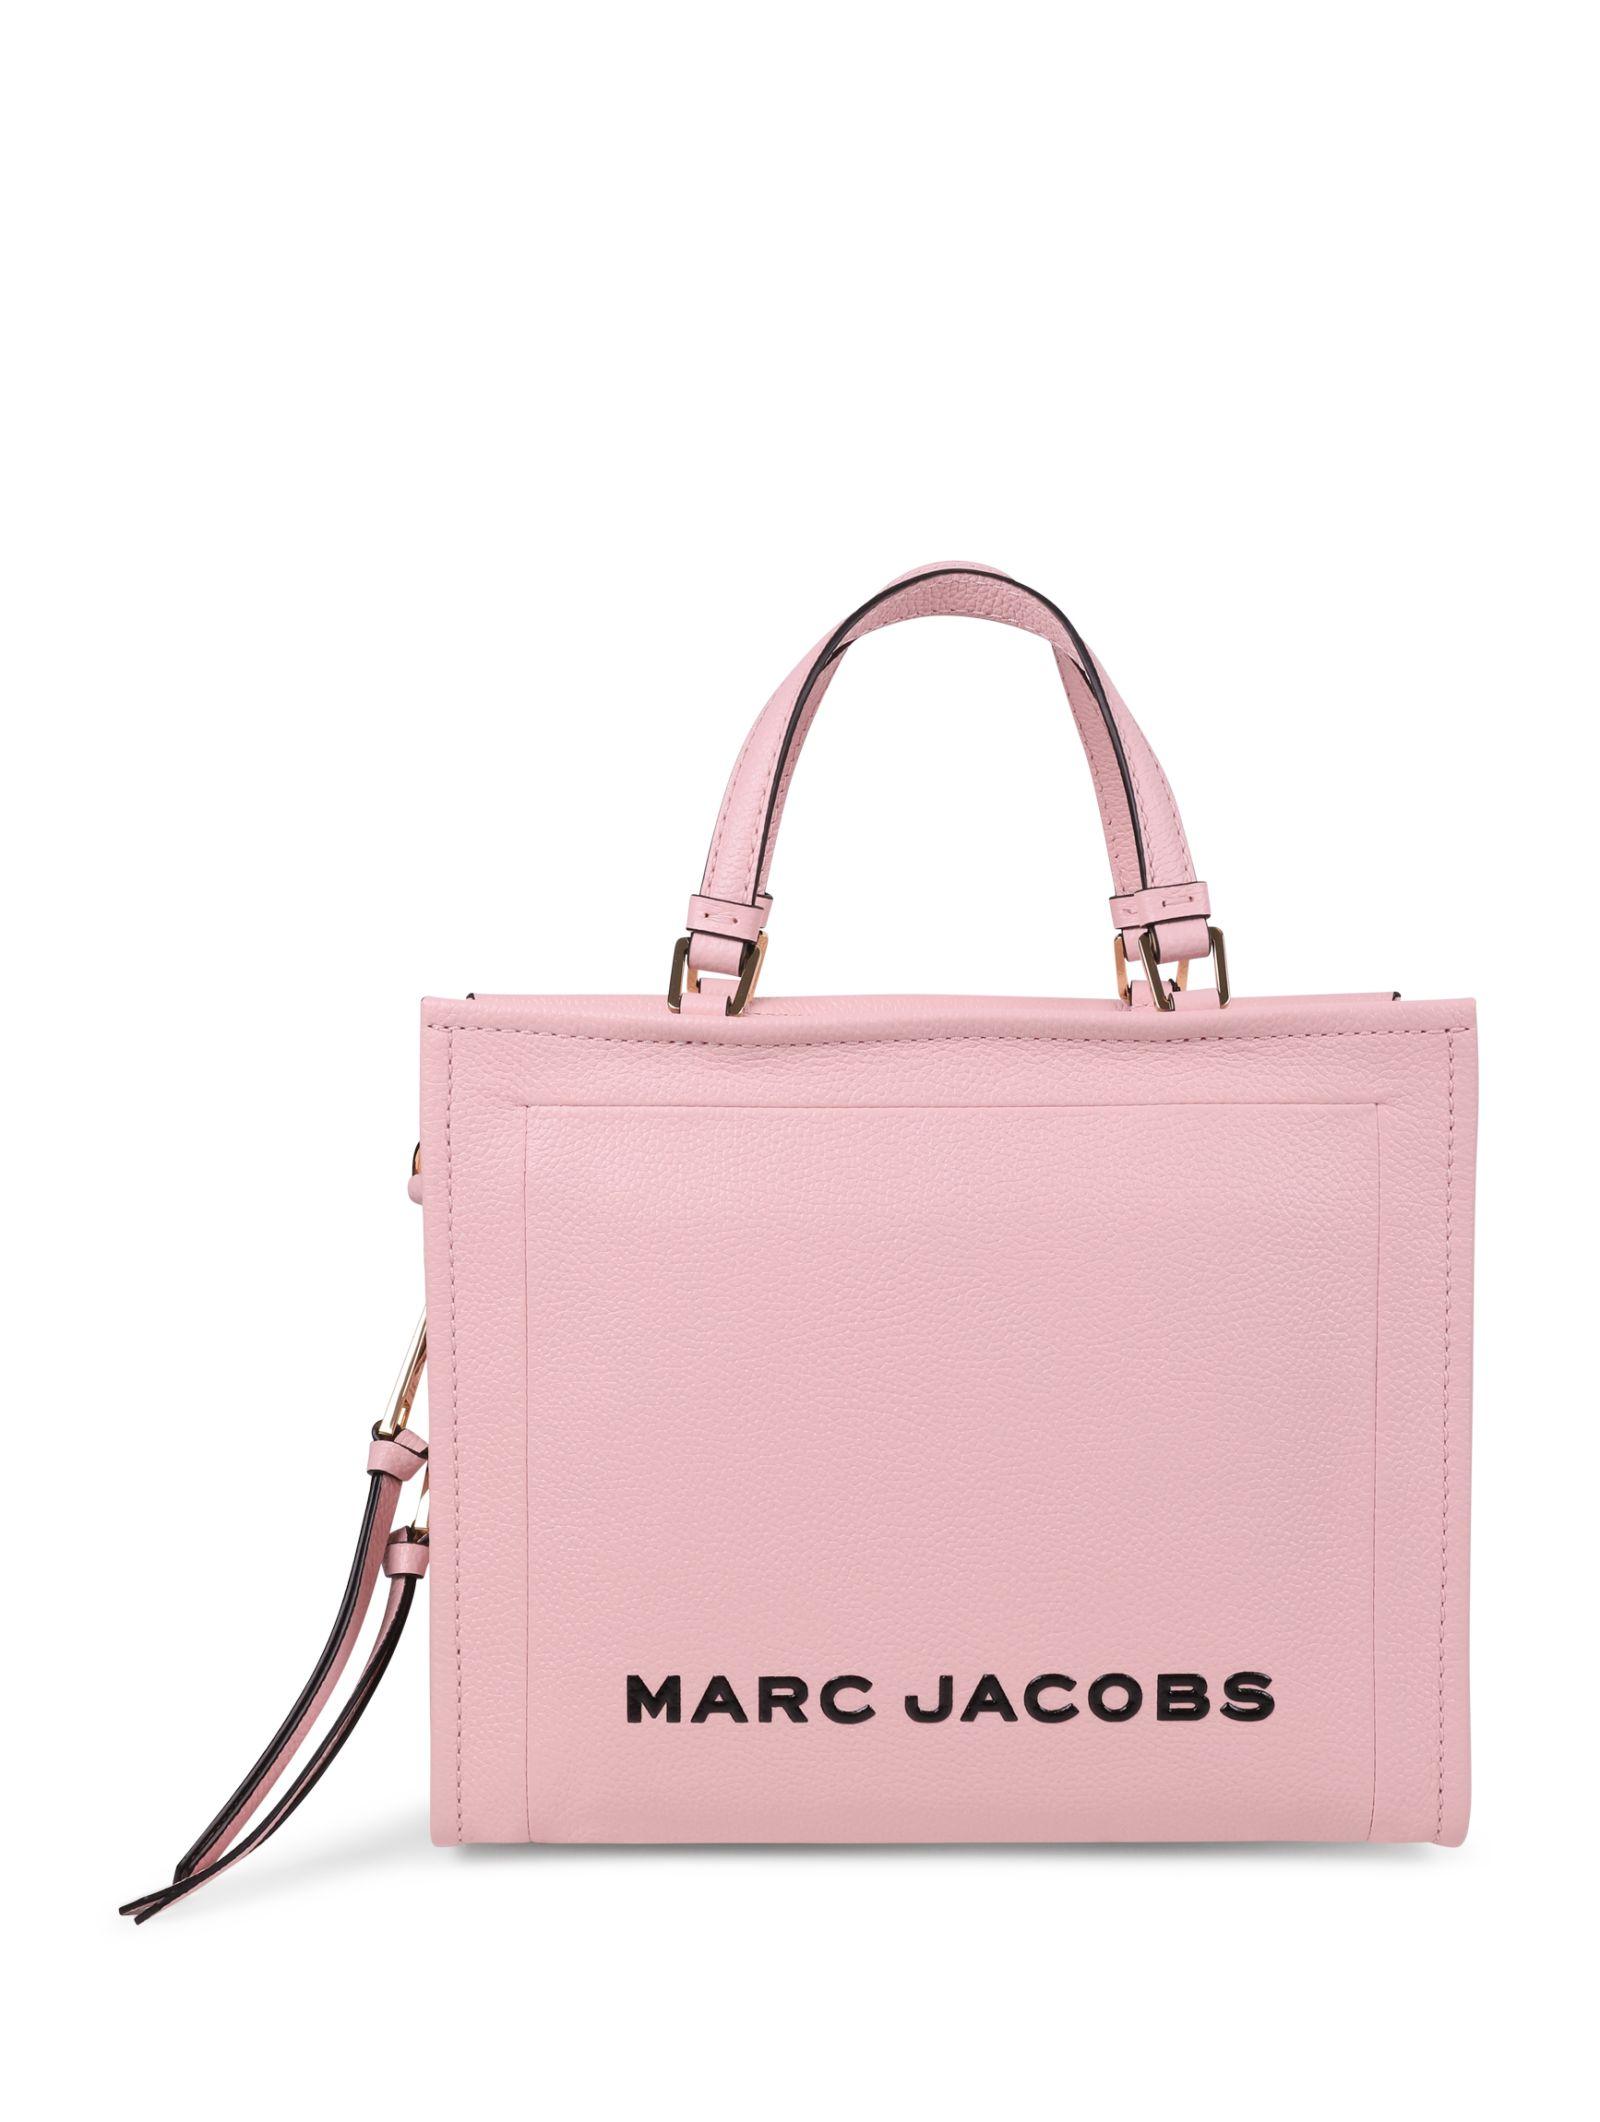 b2317dd7e Marc Jacobs Marc Jacobs Blush Box Shopper 29 Tote - Powder pink ...